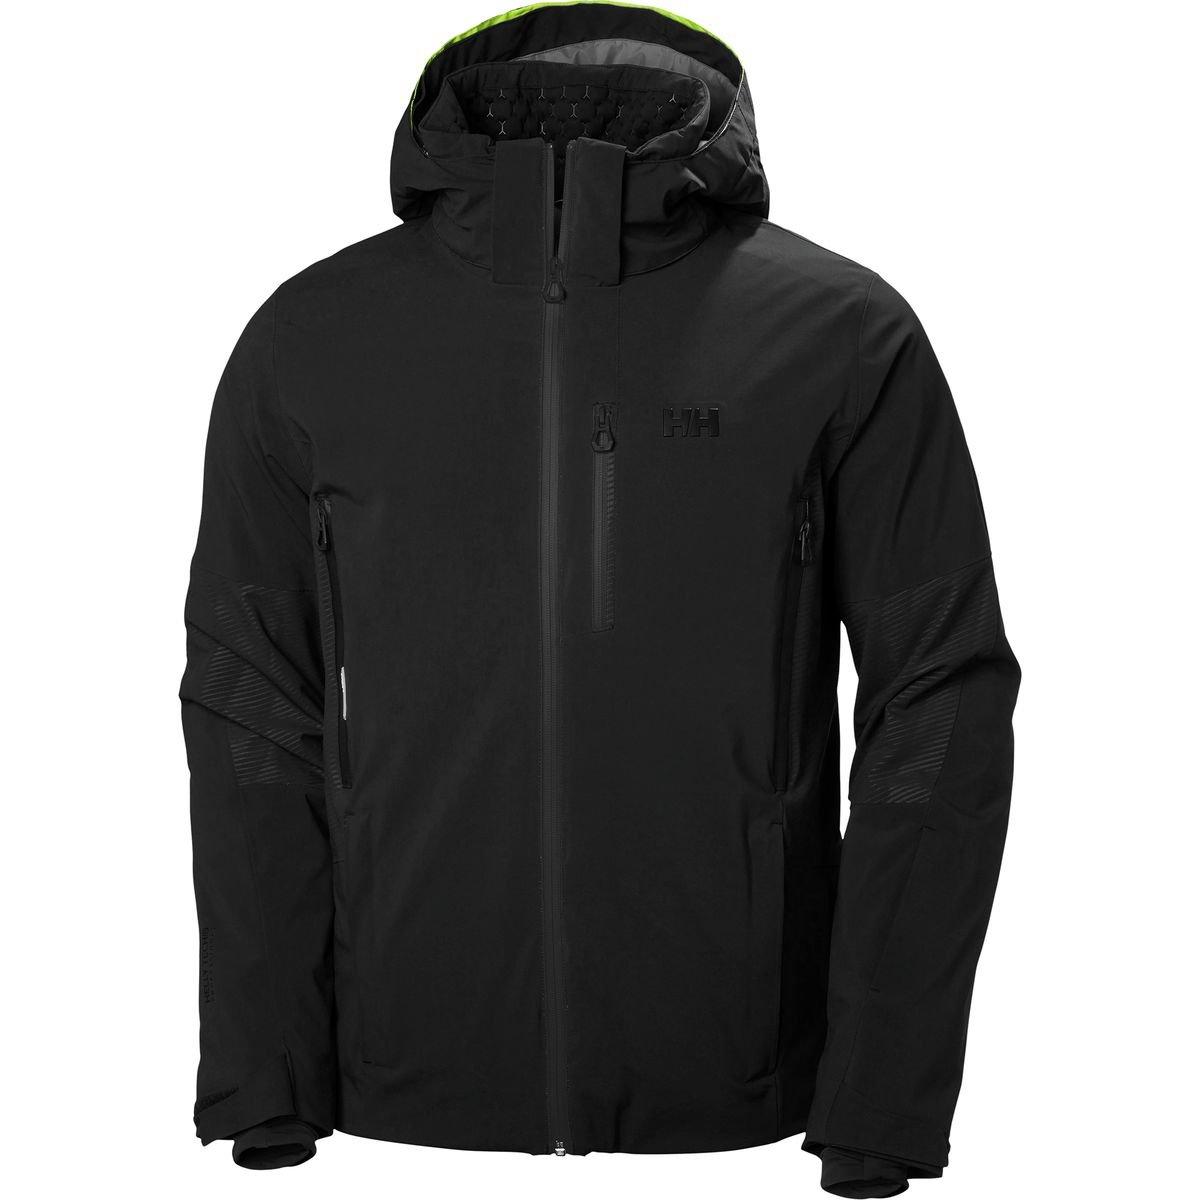 (ヘリーハンセン) Helly Hansen Stoneham Jacket メンズ ジャケットBlack [並行輸入品] B07676S2Q1  Black 日本サイズ L (US M)